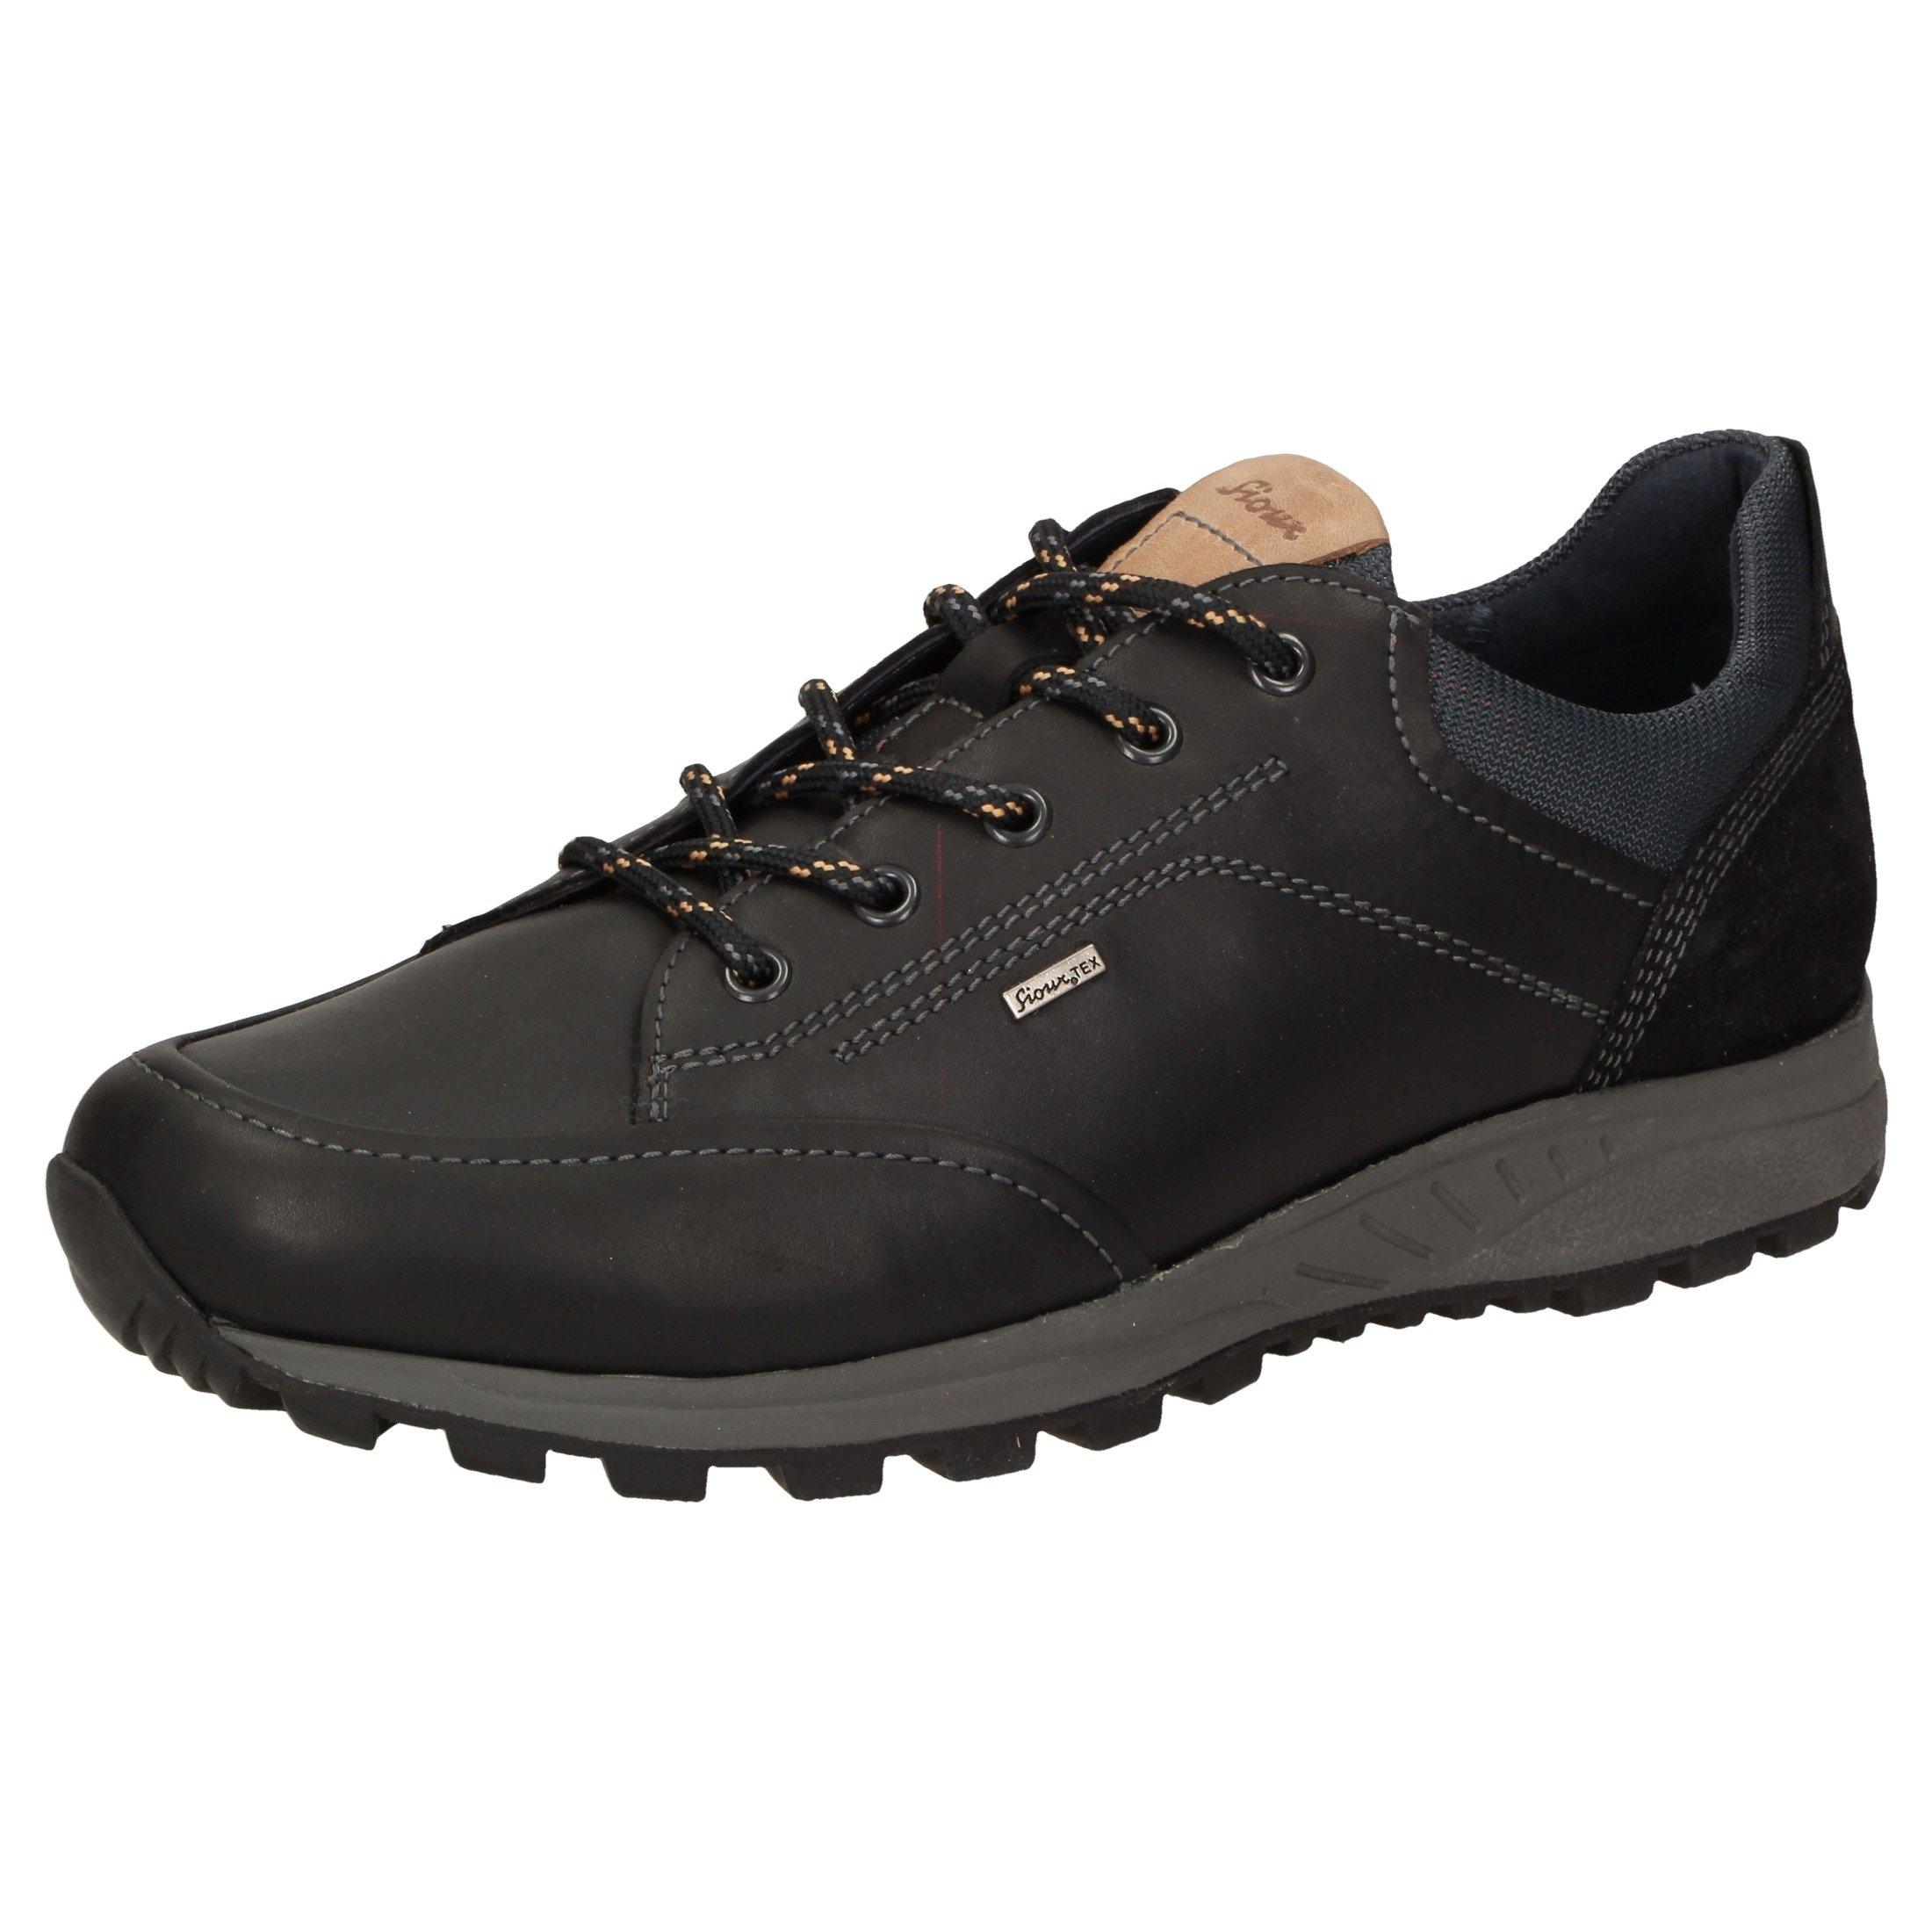 Sioux sneakers »Laskiro-700-TEX« veilig op otto.nl kopen